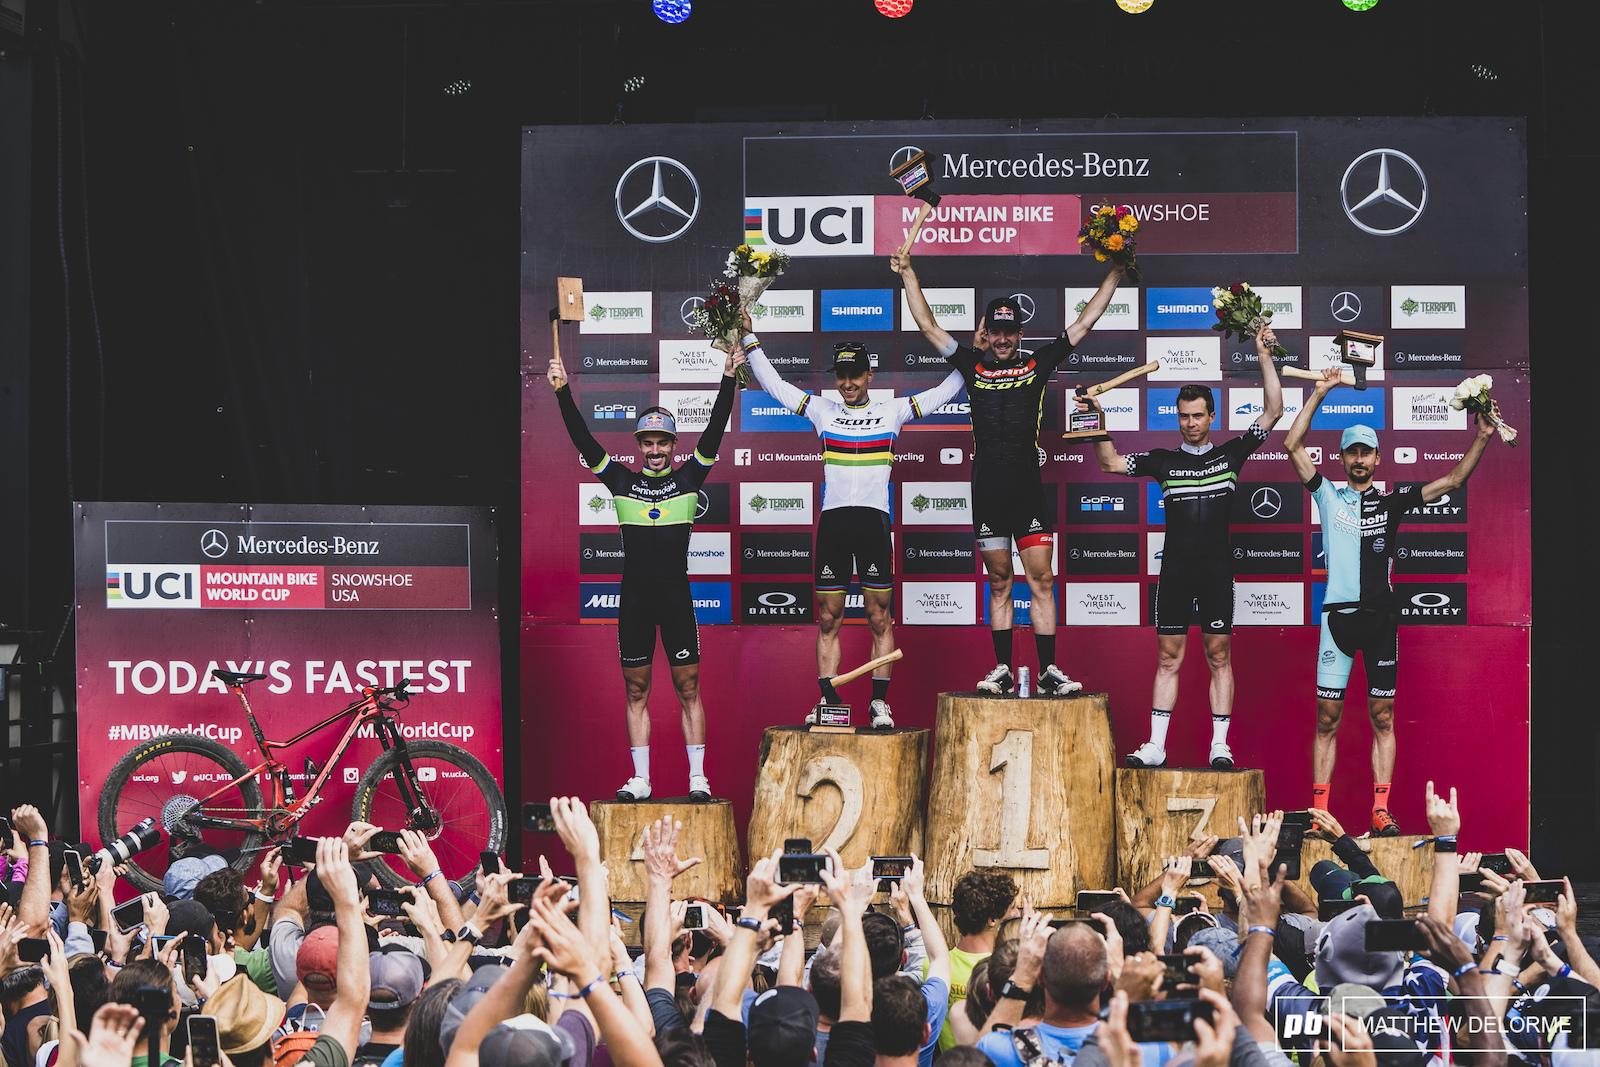 Lars Forster Nino Schurter Maxime Marotte Henrique Avanacini and Stephane Tempier - men elite winners.